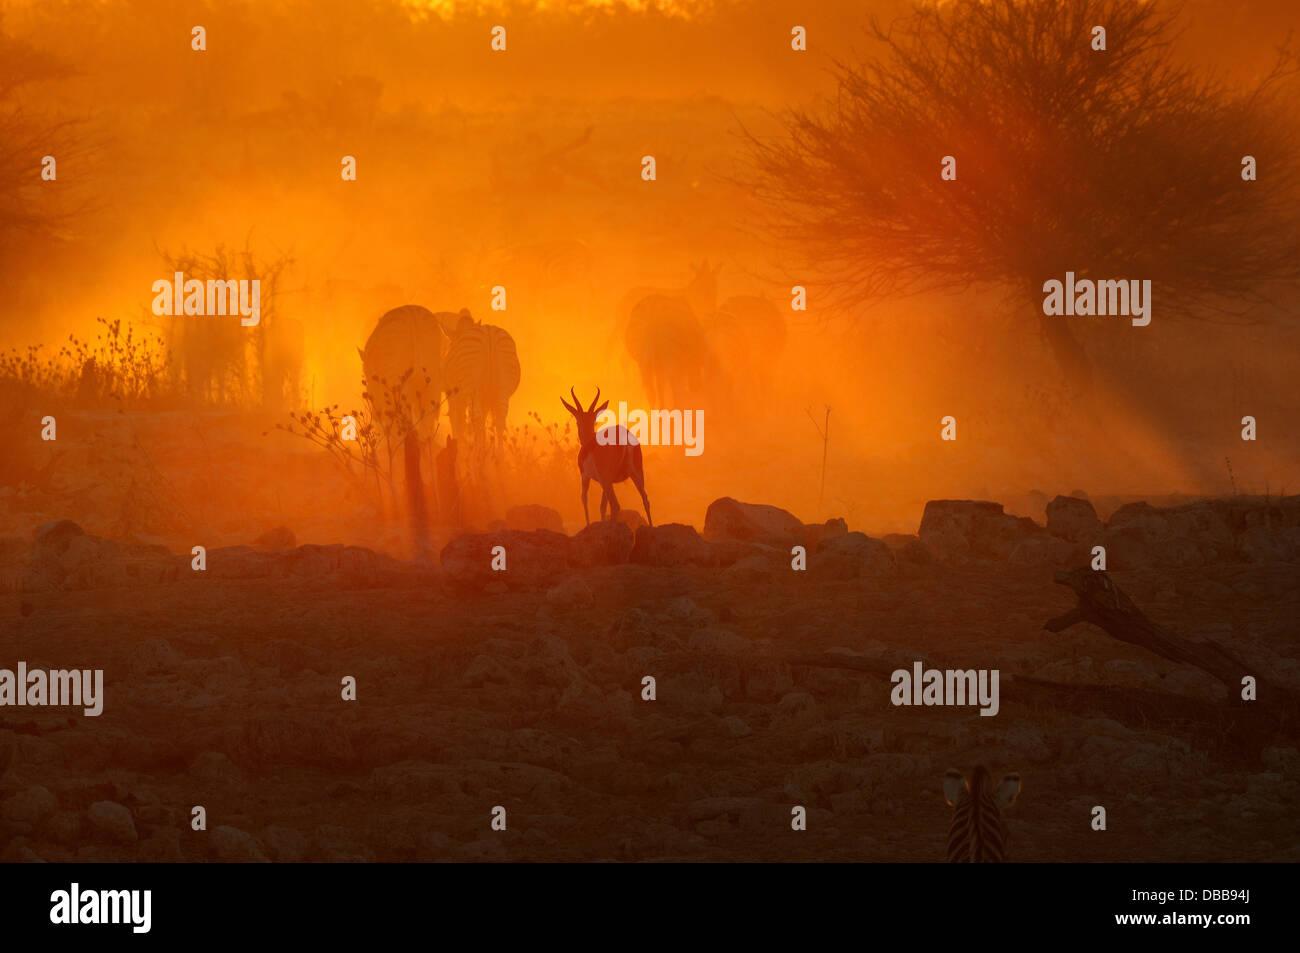 A fiery sunset at Okaukeujo waterhole, Namibia - Stock Image